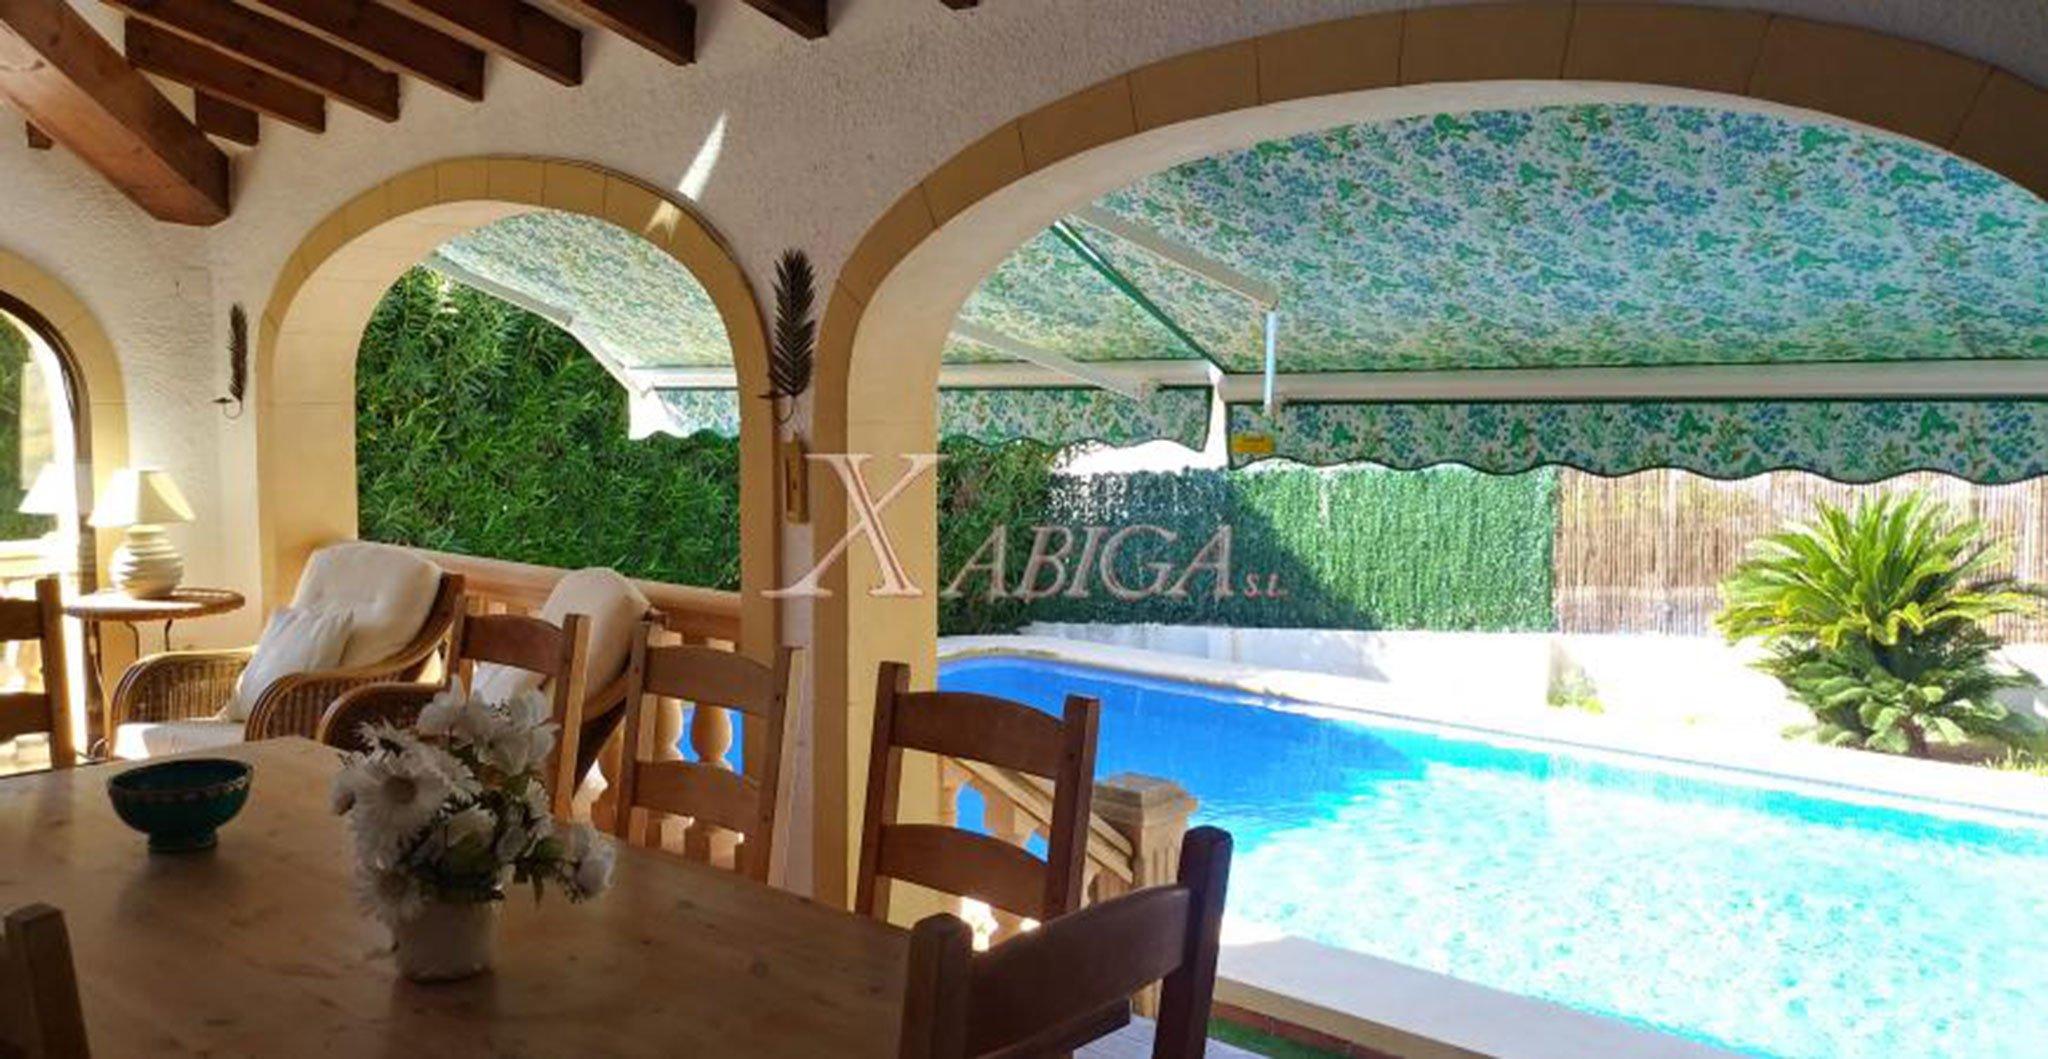 Ventanales con vistas a la piscina en una casa en venta – Xabiga Inmobiliaria